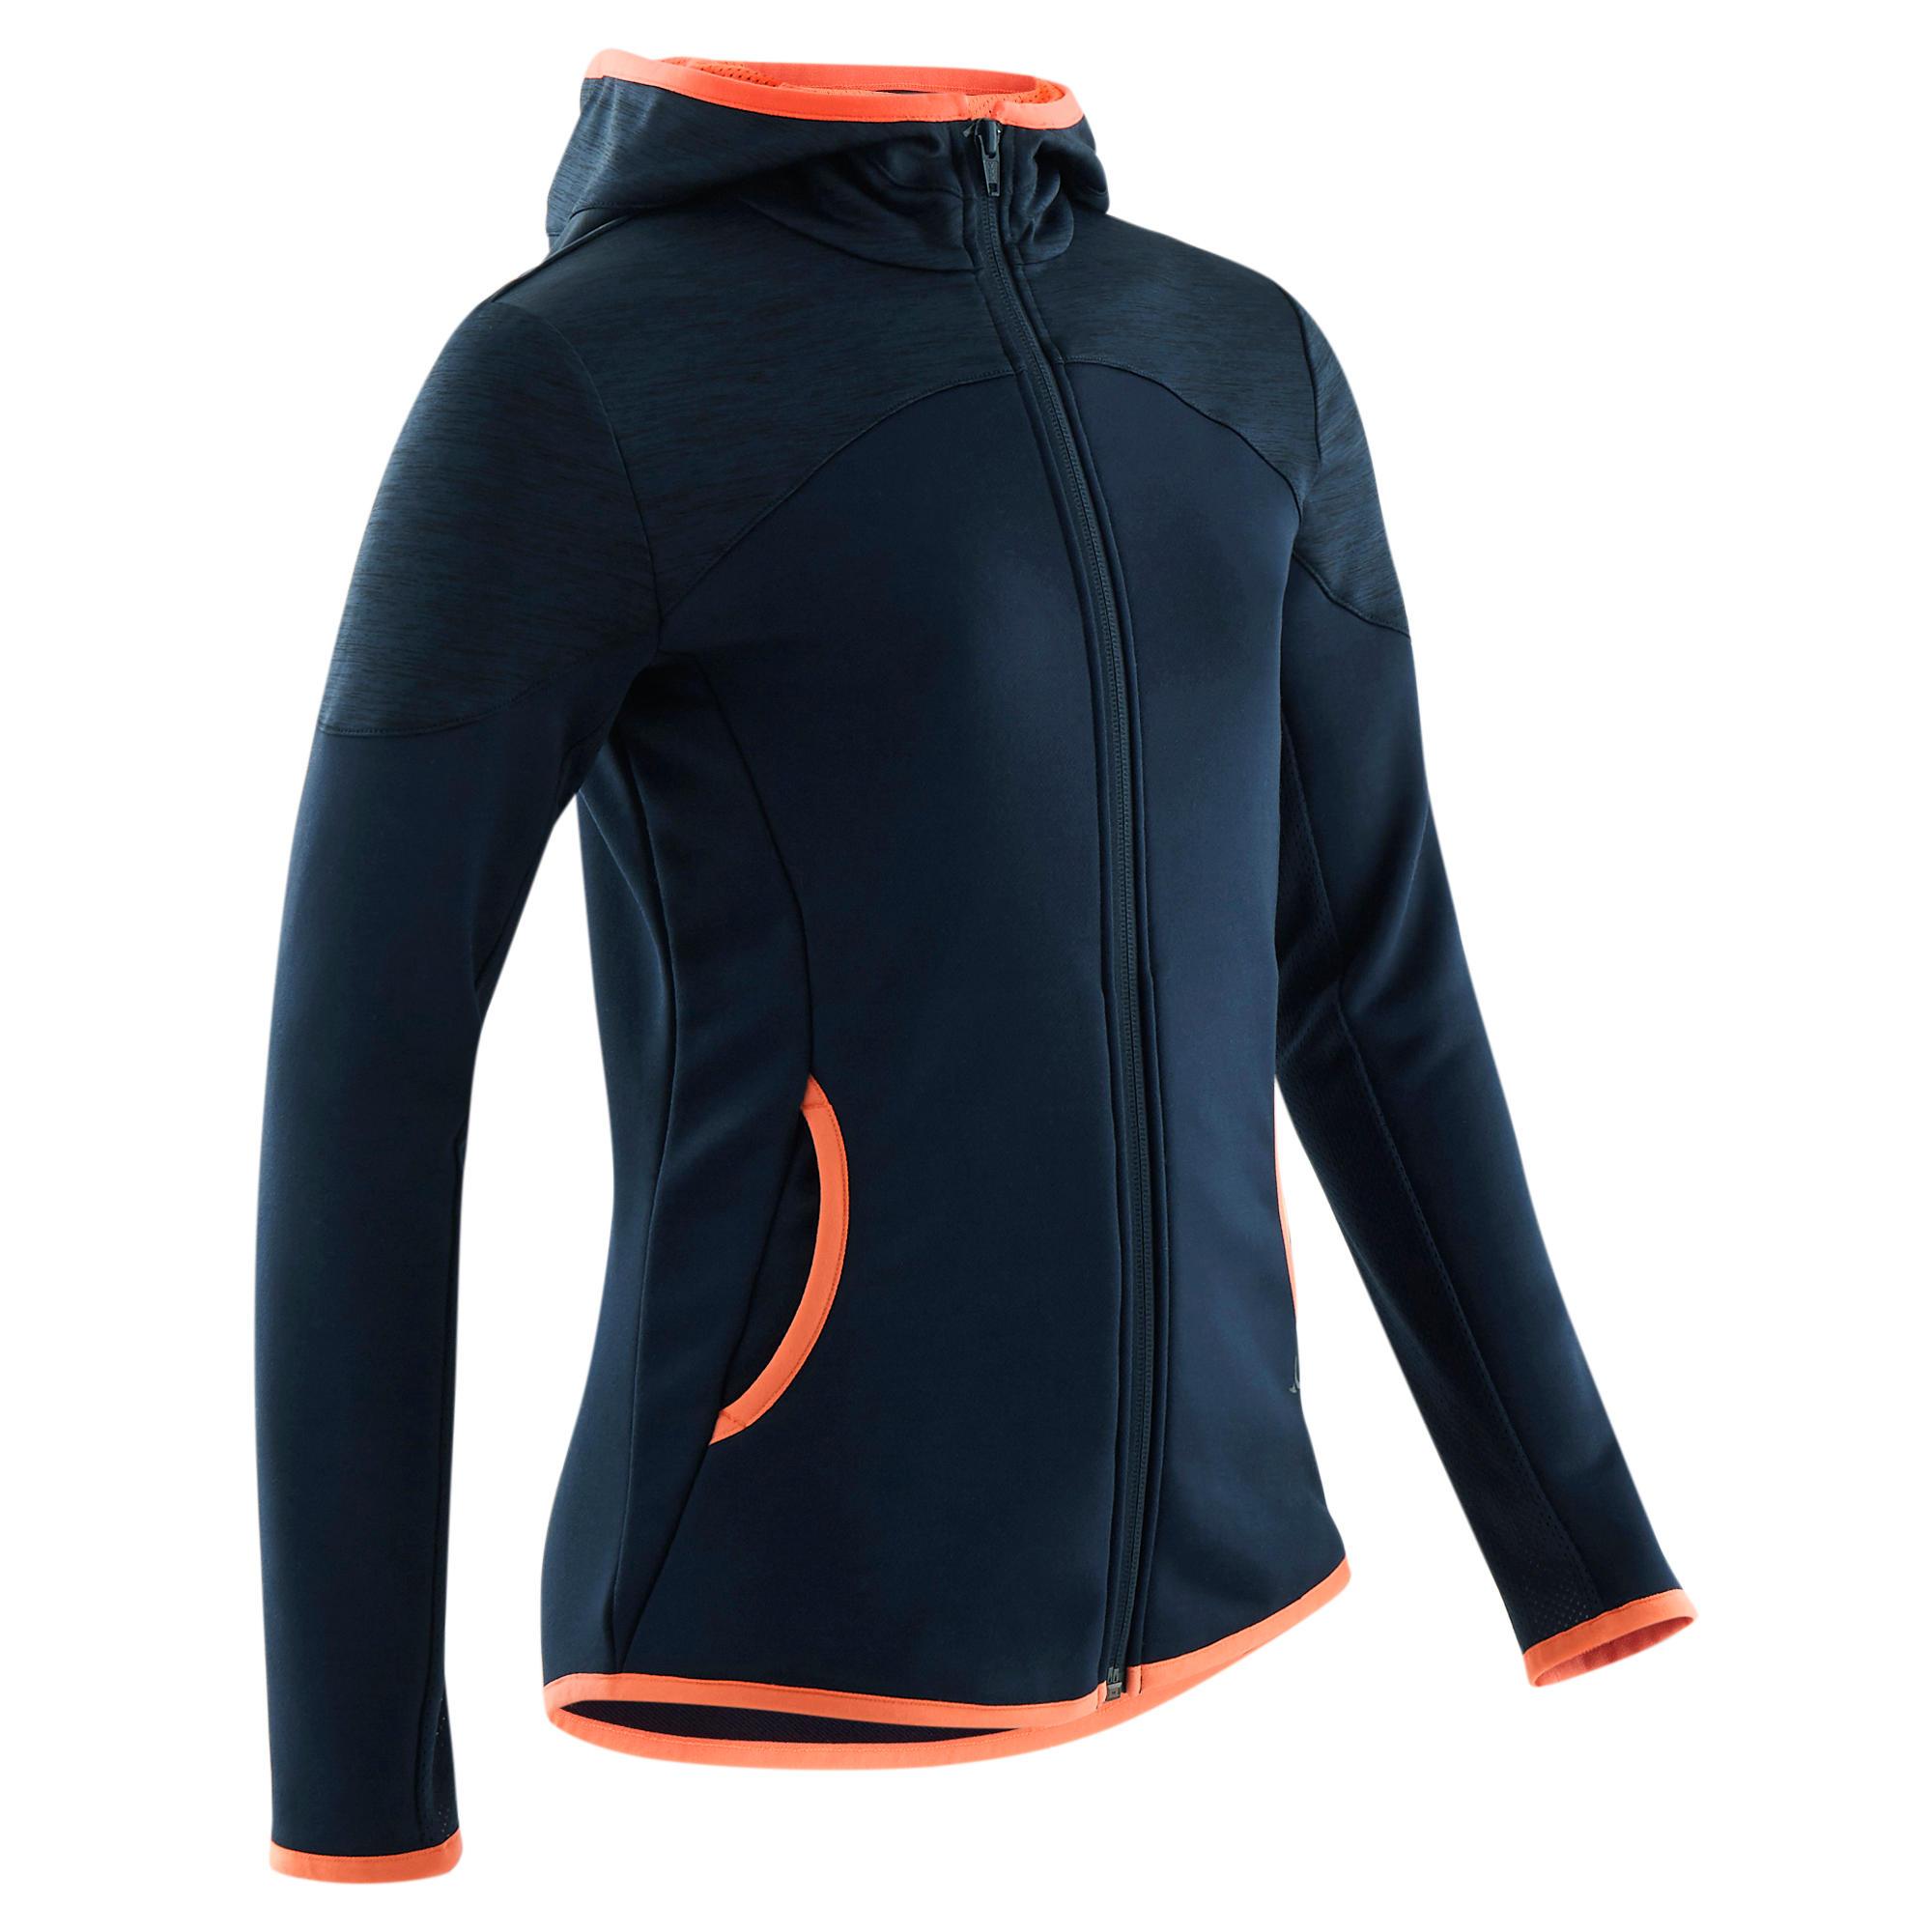 Jachetă respirantă S500 fete imagine